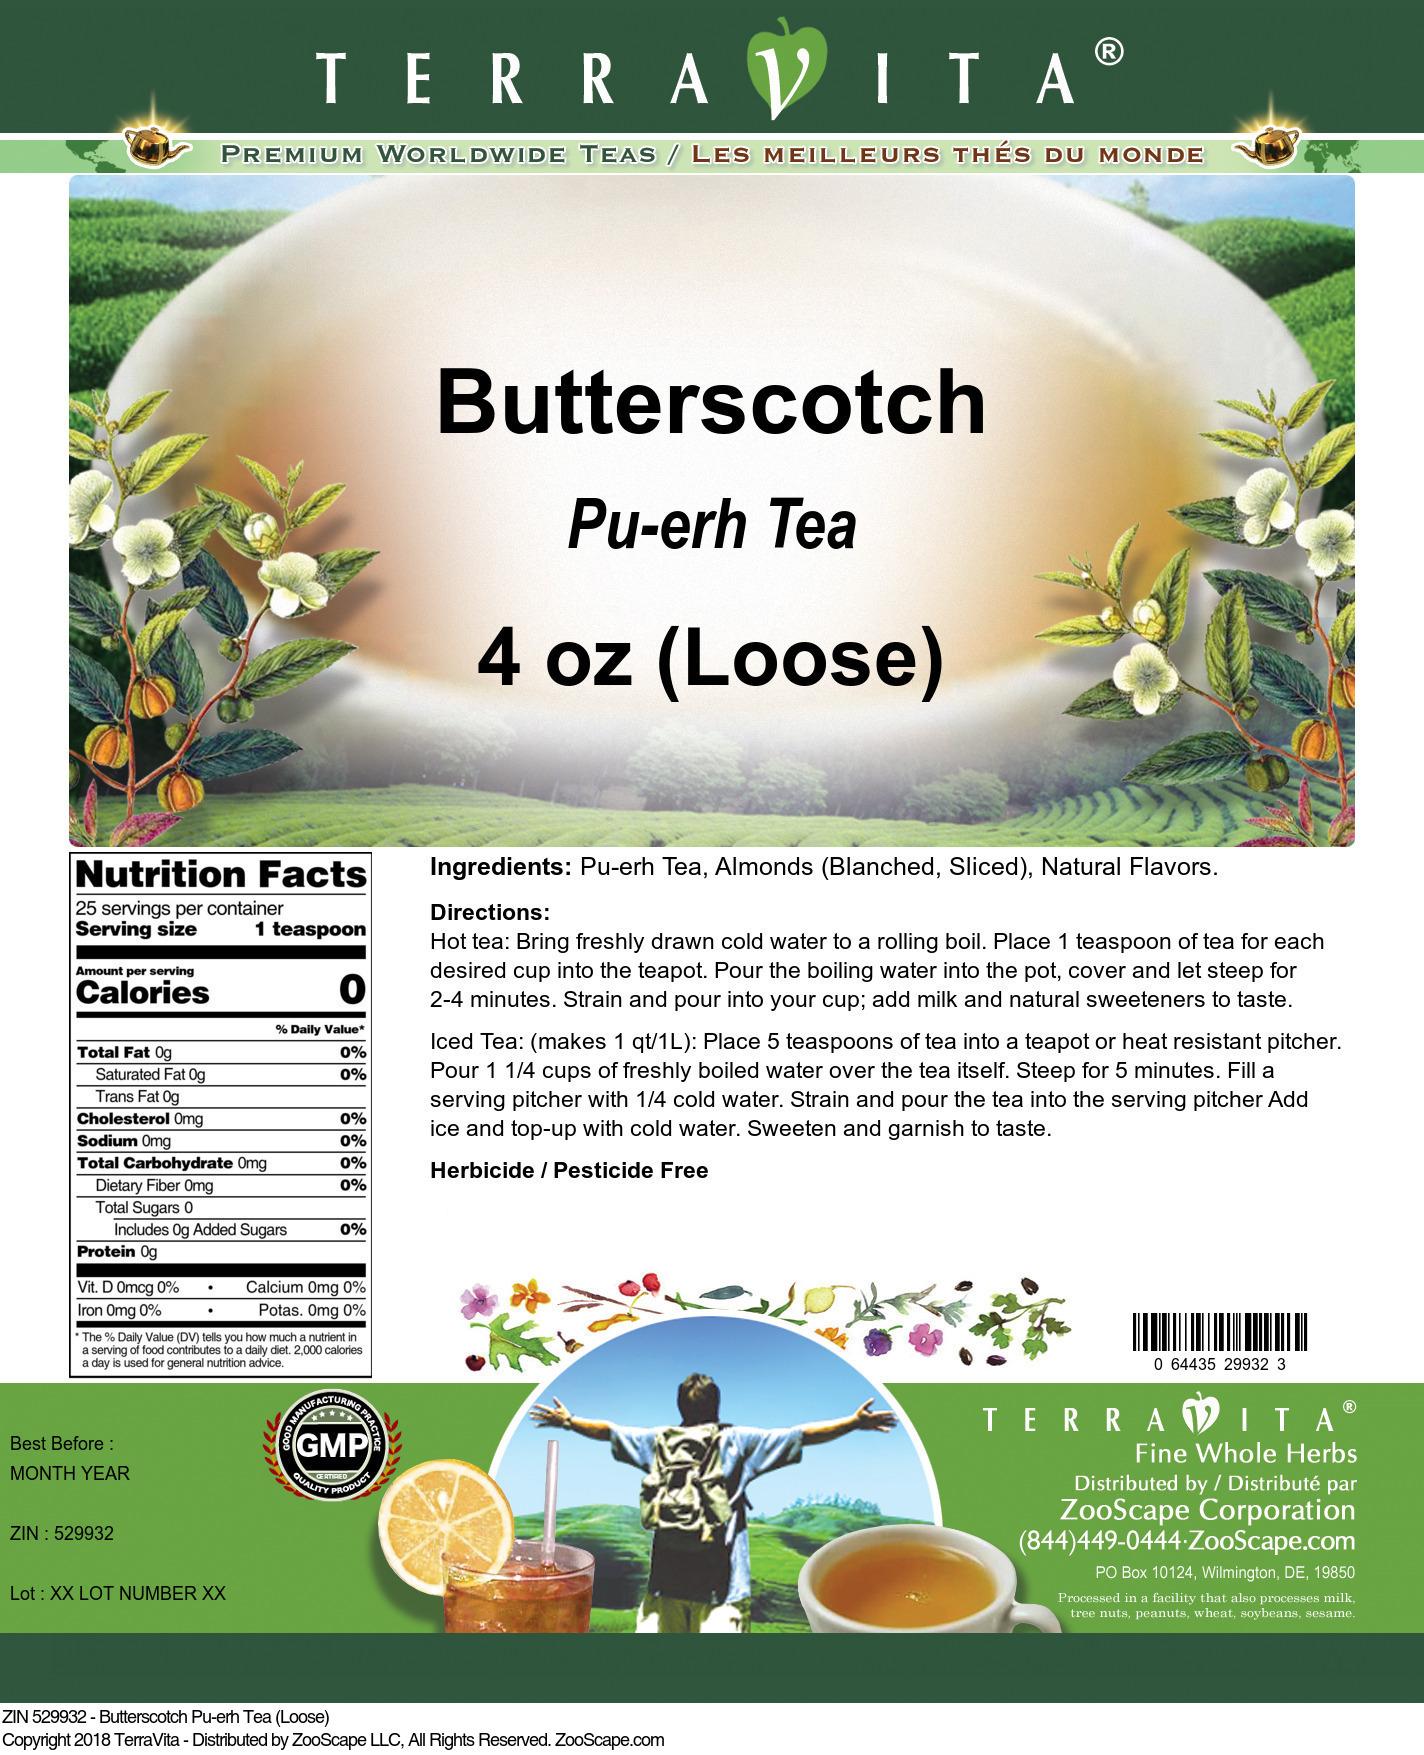 Butterscotch Pu-erh Tea